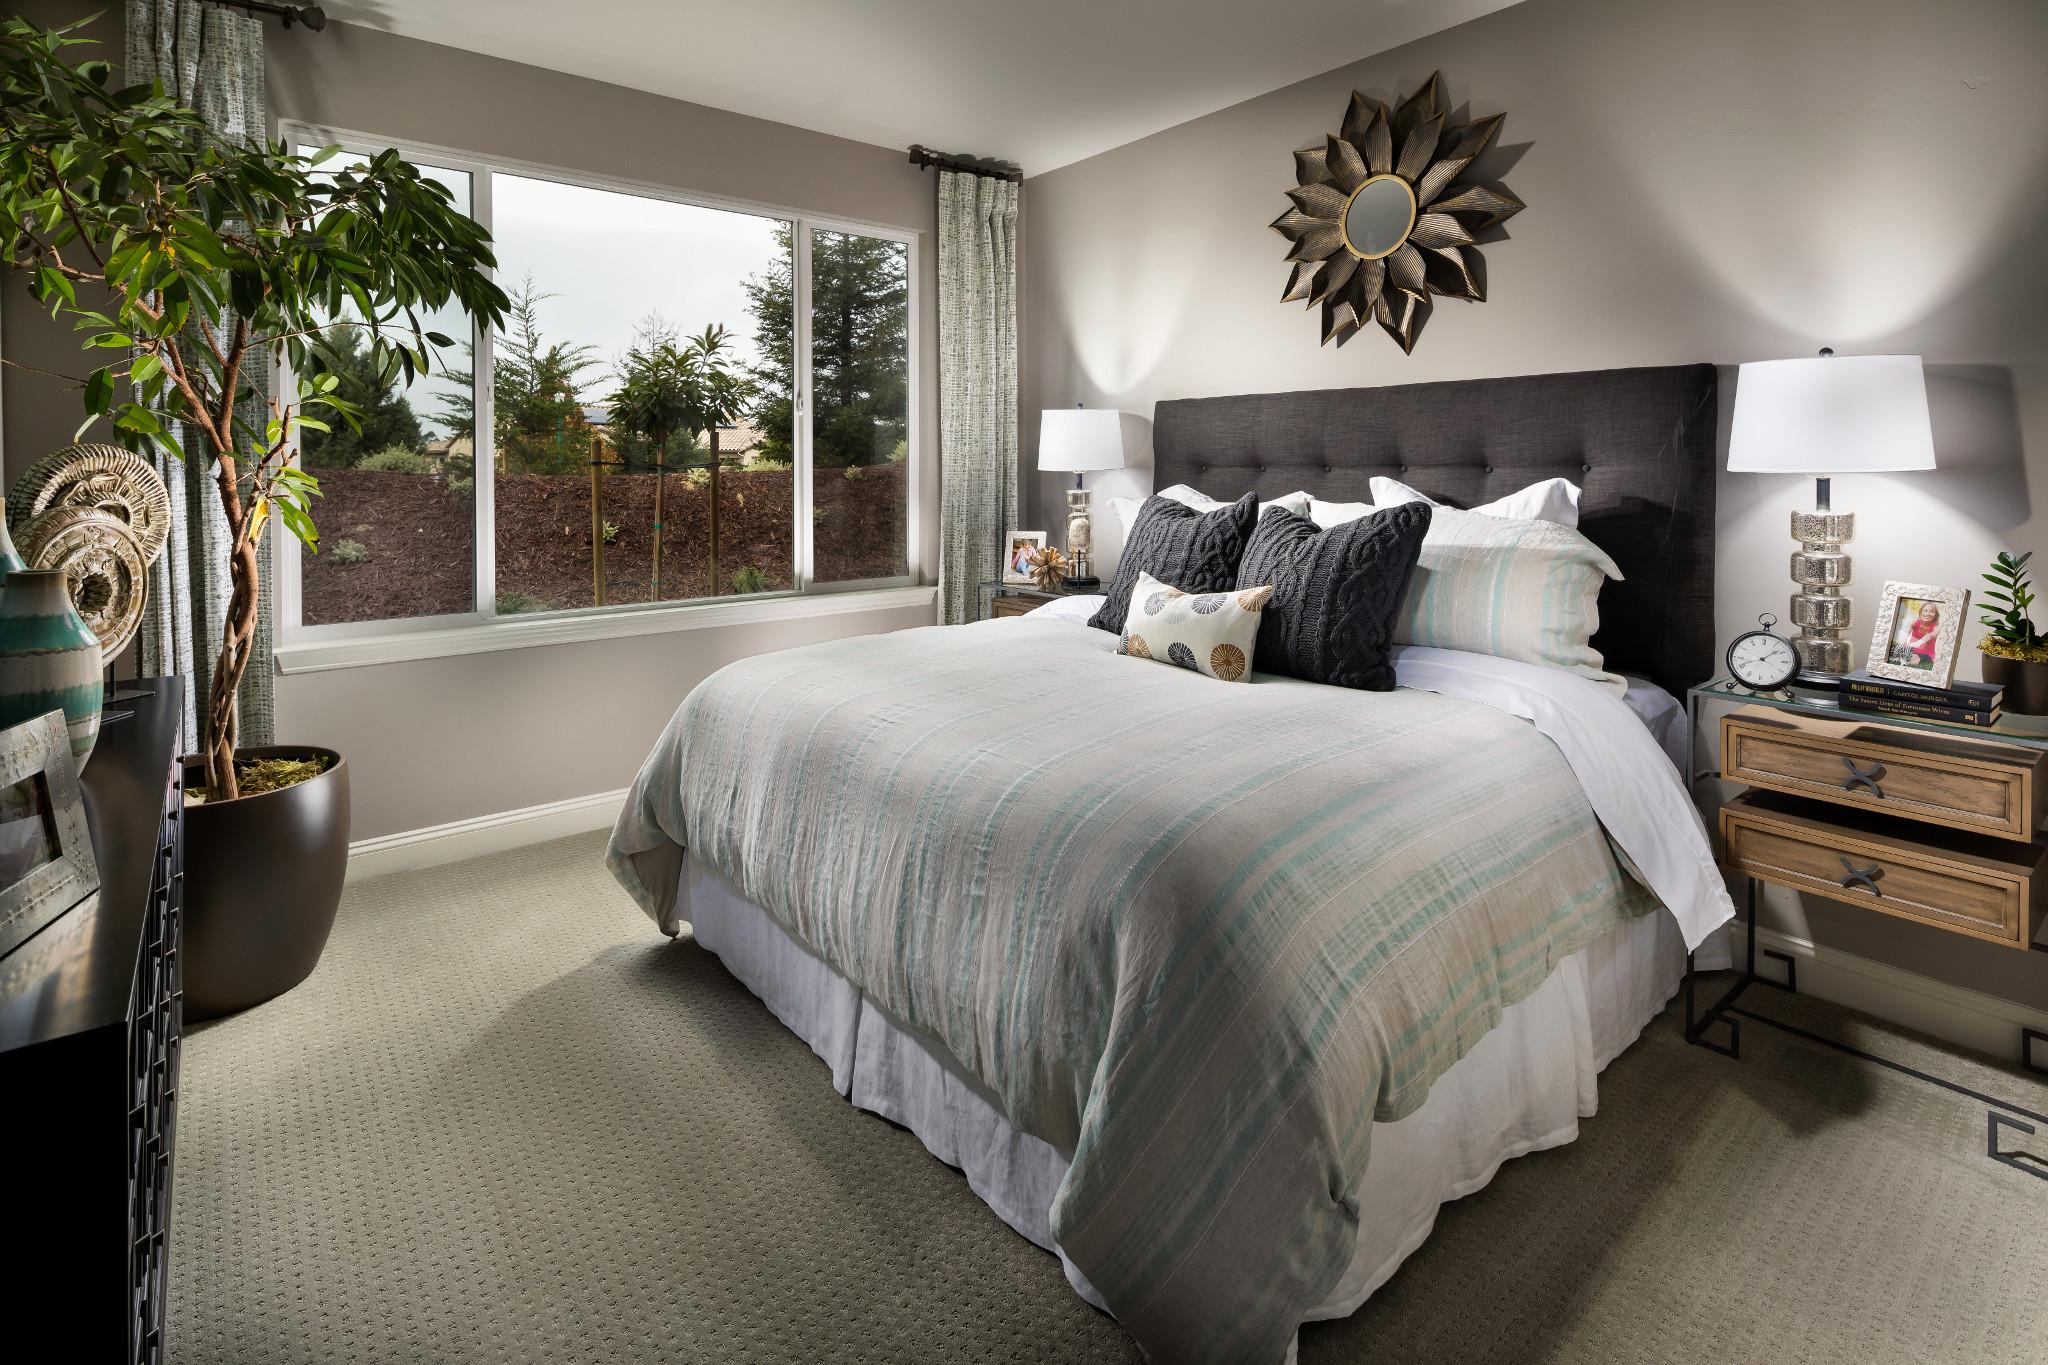 Acacia Plan Master Bedroom